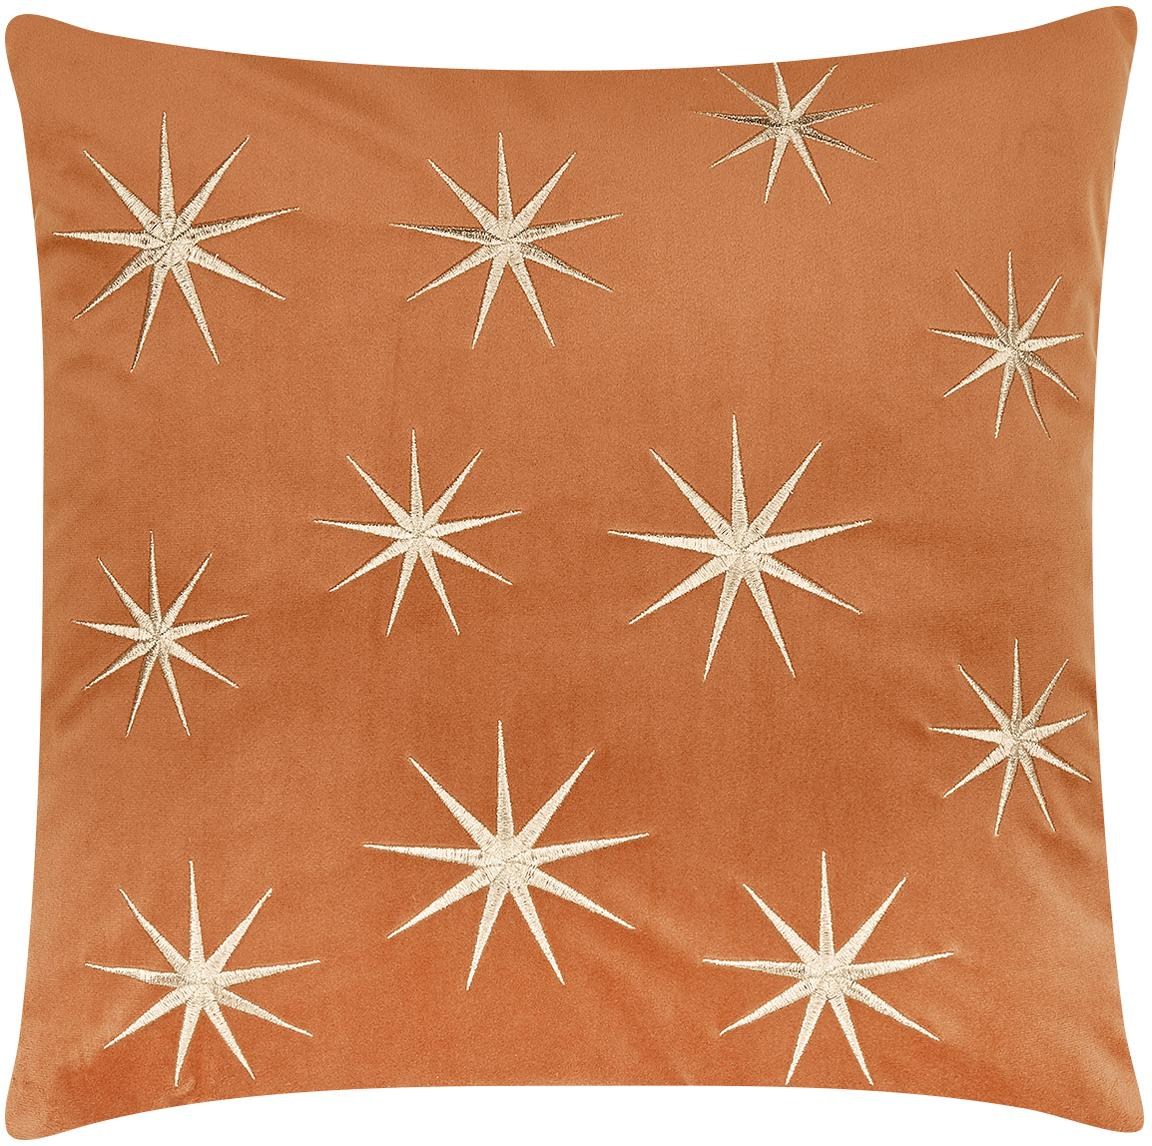 Bestickte Samt-Kissenhülle Stars mit winterlichen Sternenmotiven, Orange, 45 x 45 cm